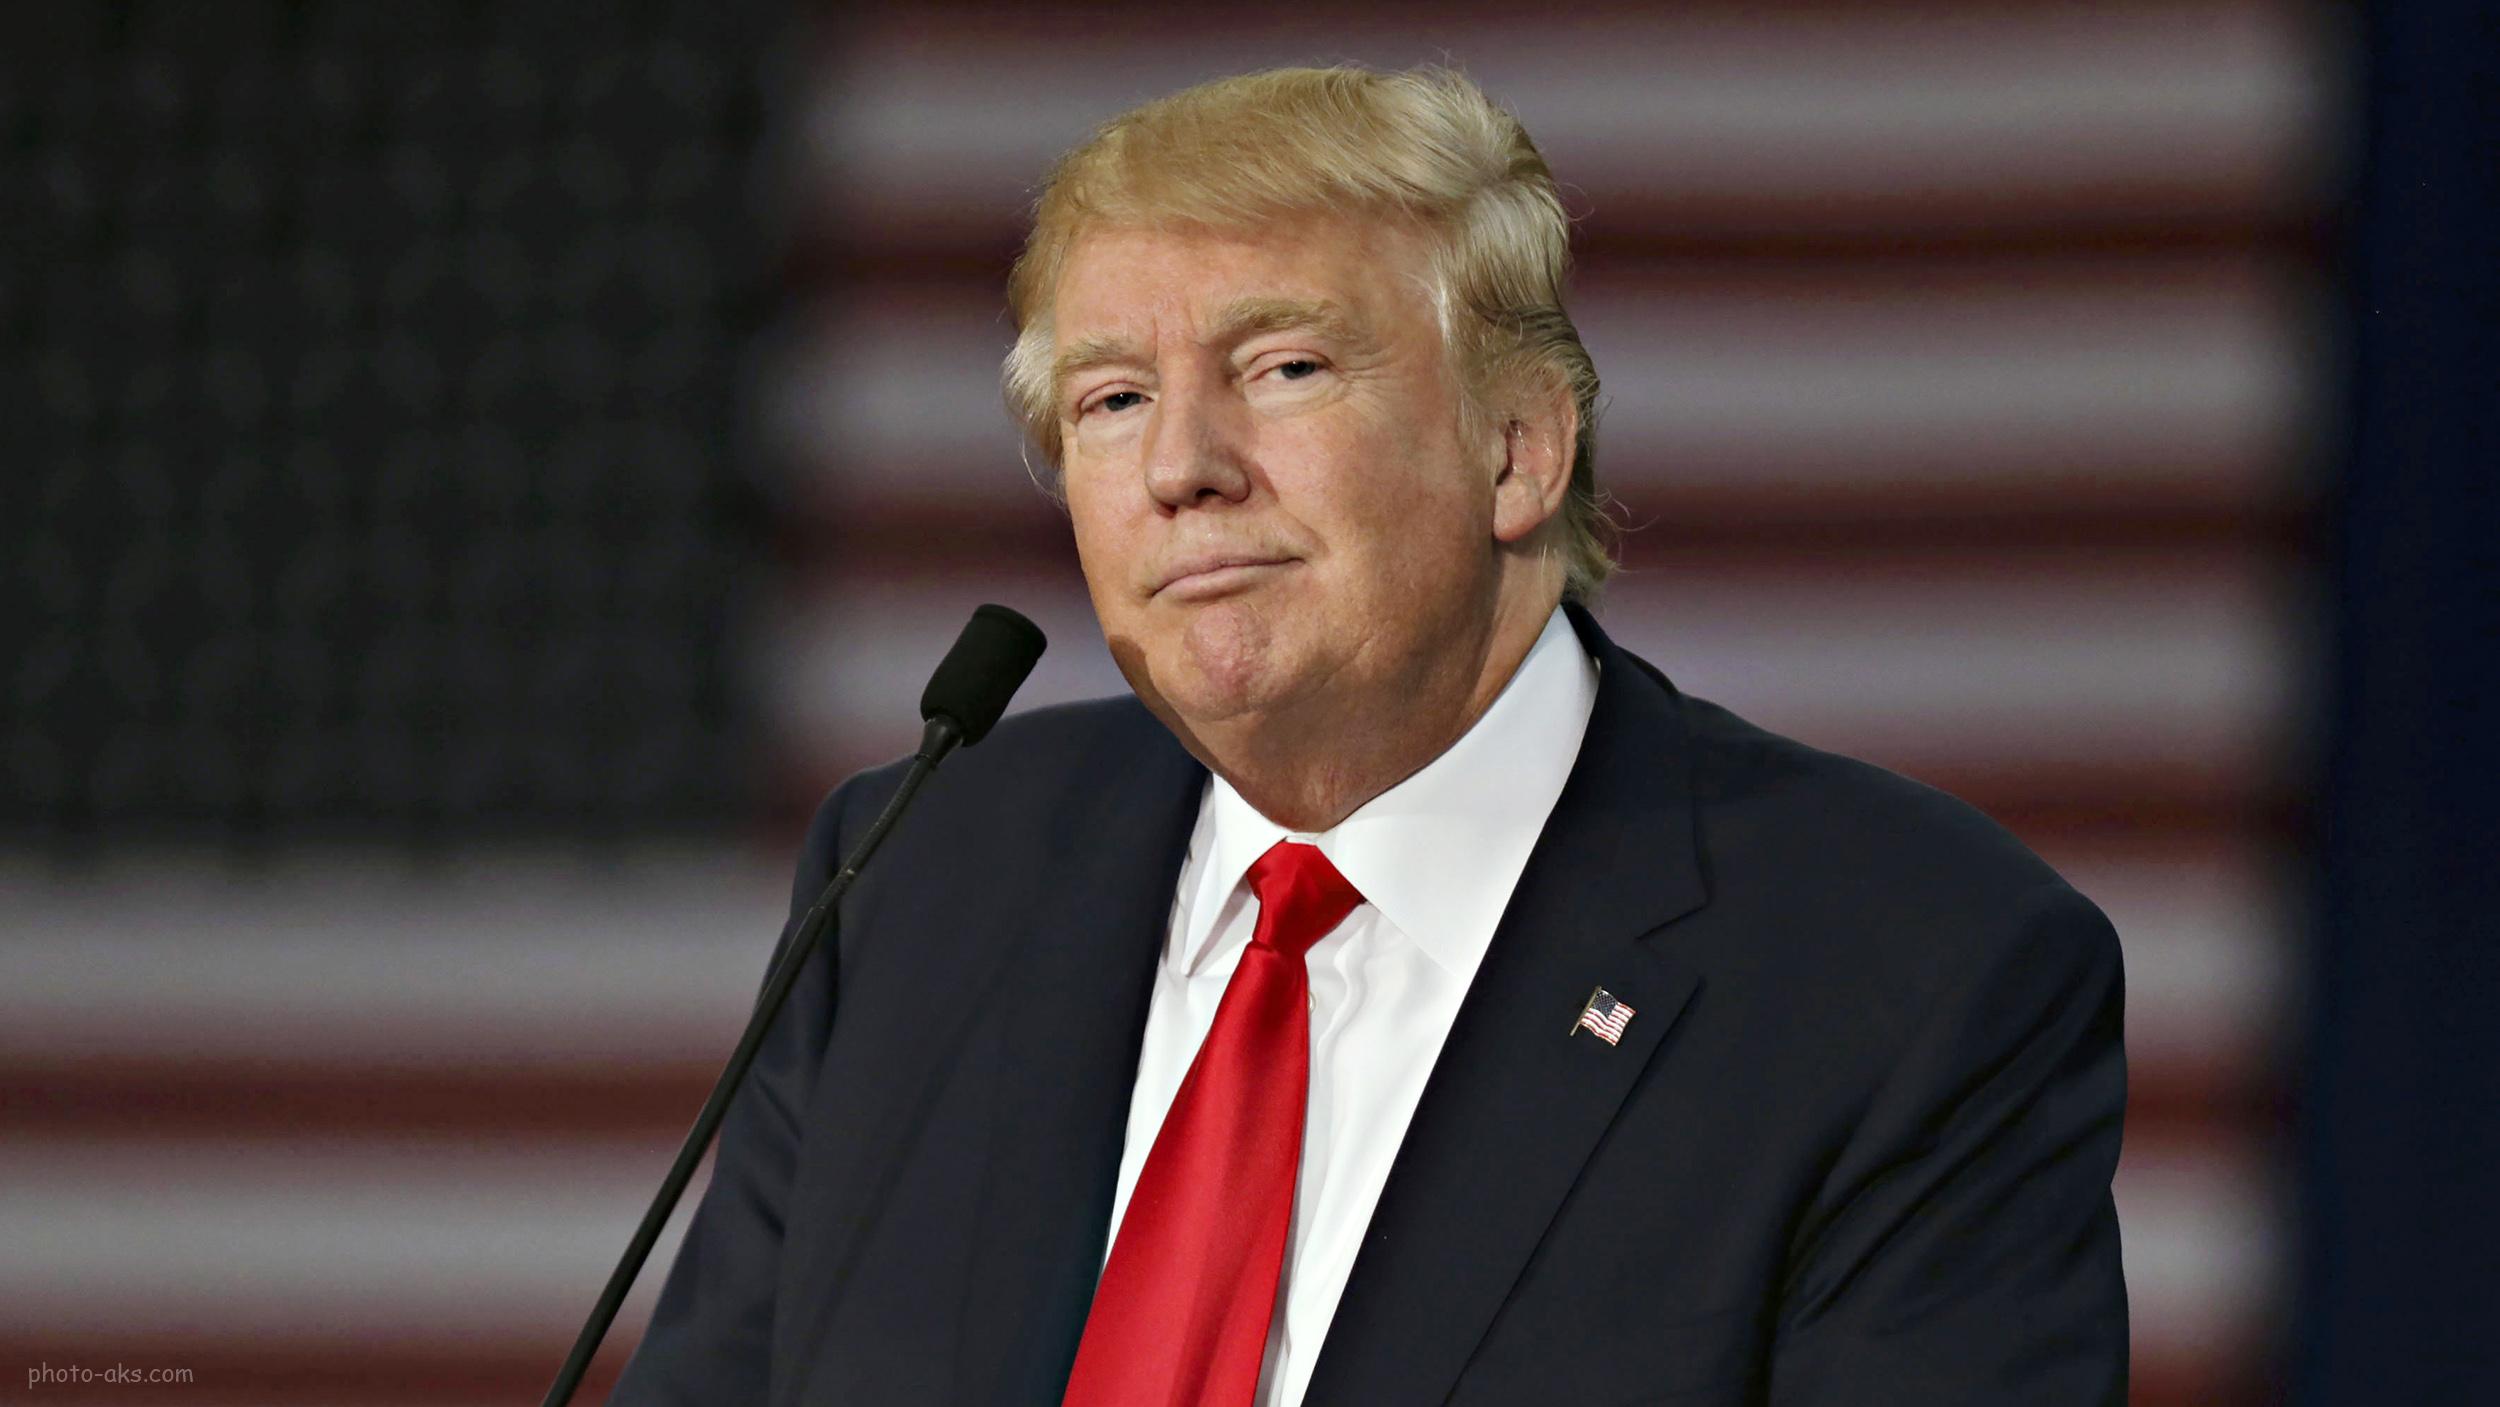 رایزنی ترامپ با ۶ سیاستمدار ضد ایرانی برای تصدی وزارت دفاع آمریکا